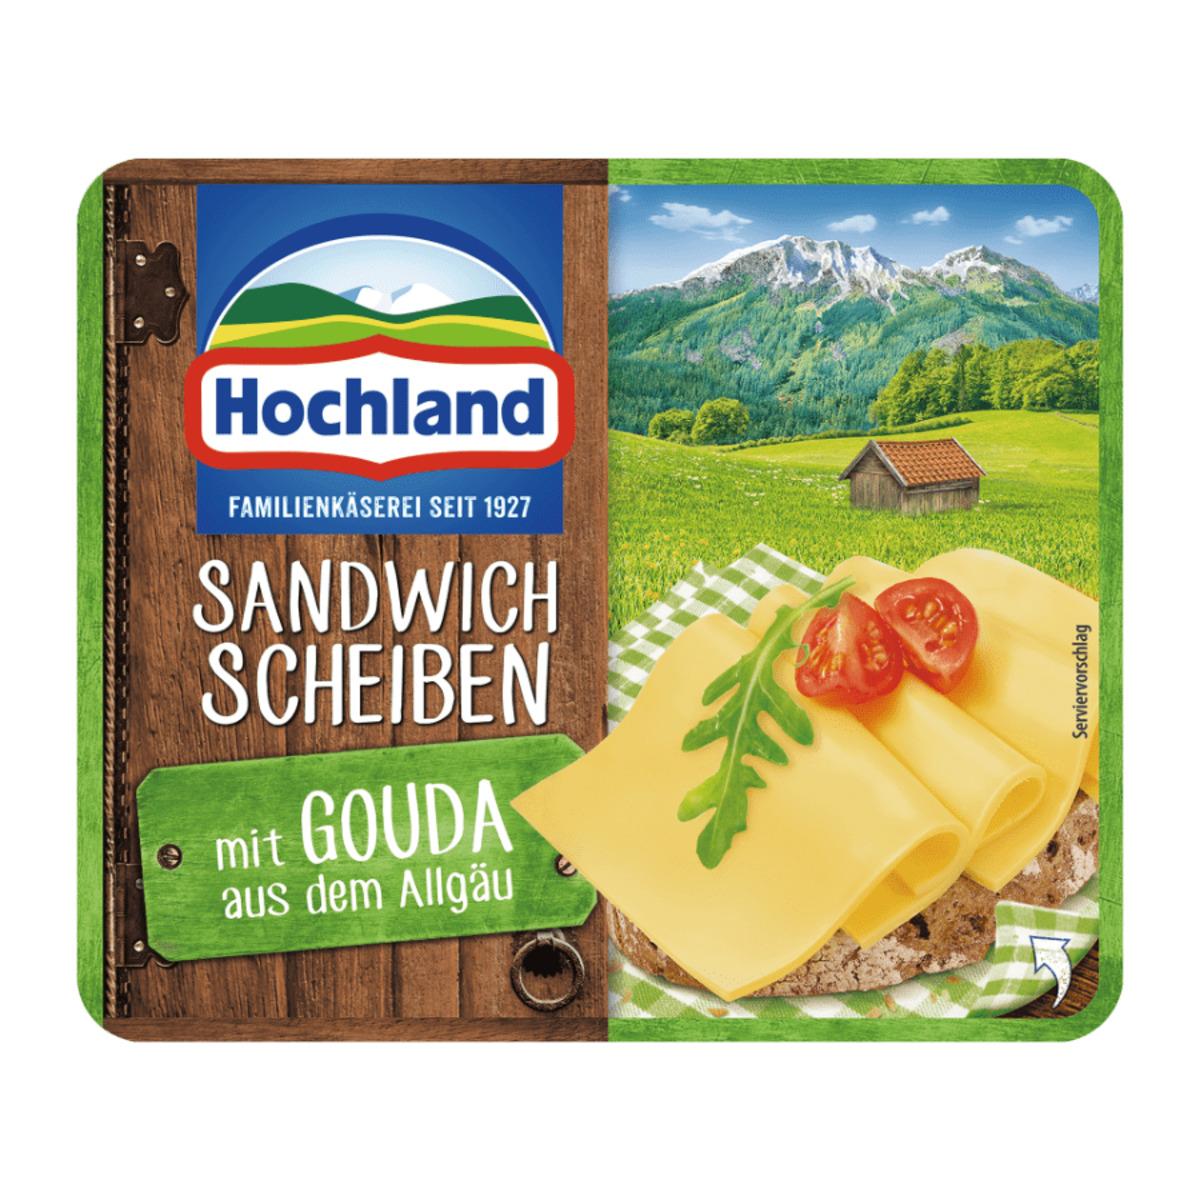 Bild 2 von Hochland Sandwich Scheiben